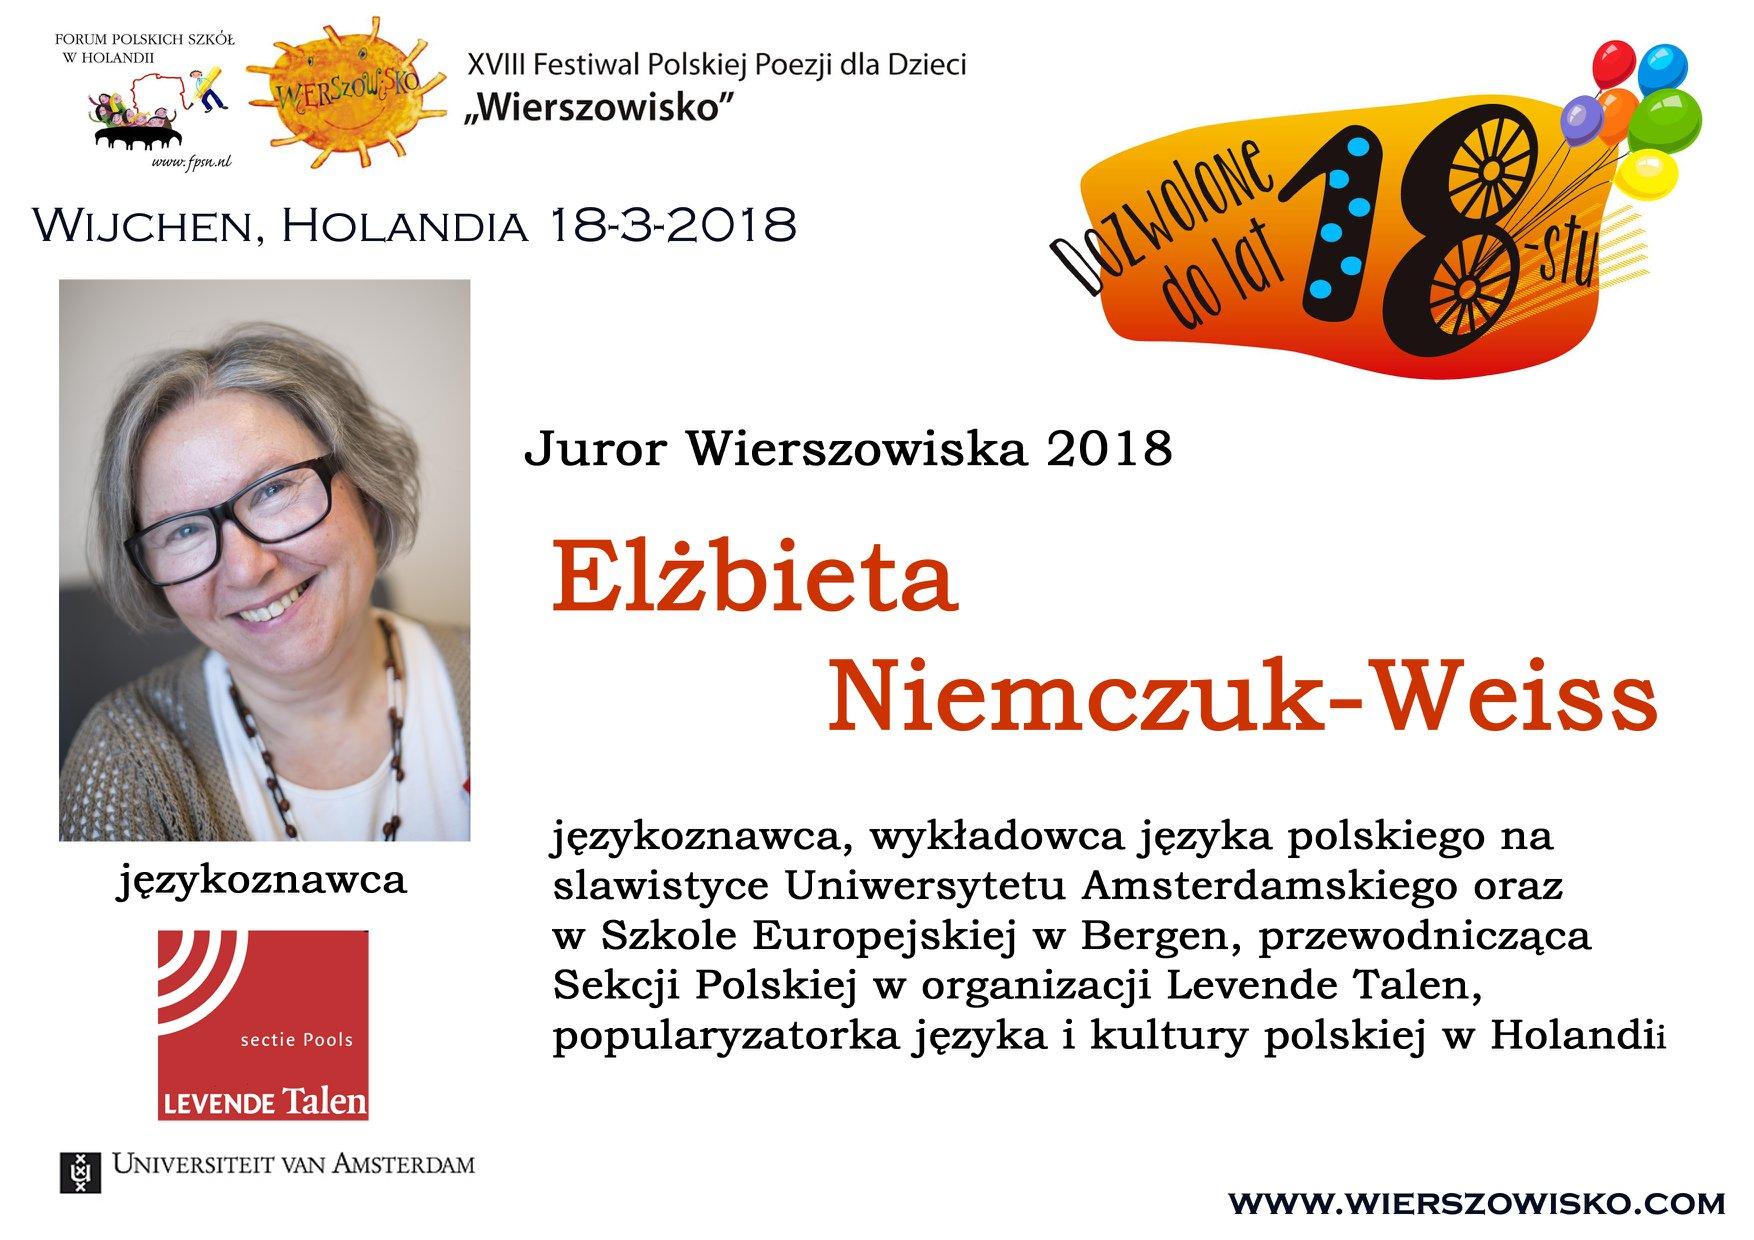 4. Elzbieta Niemczuk-Weiss